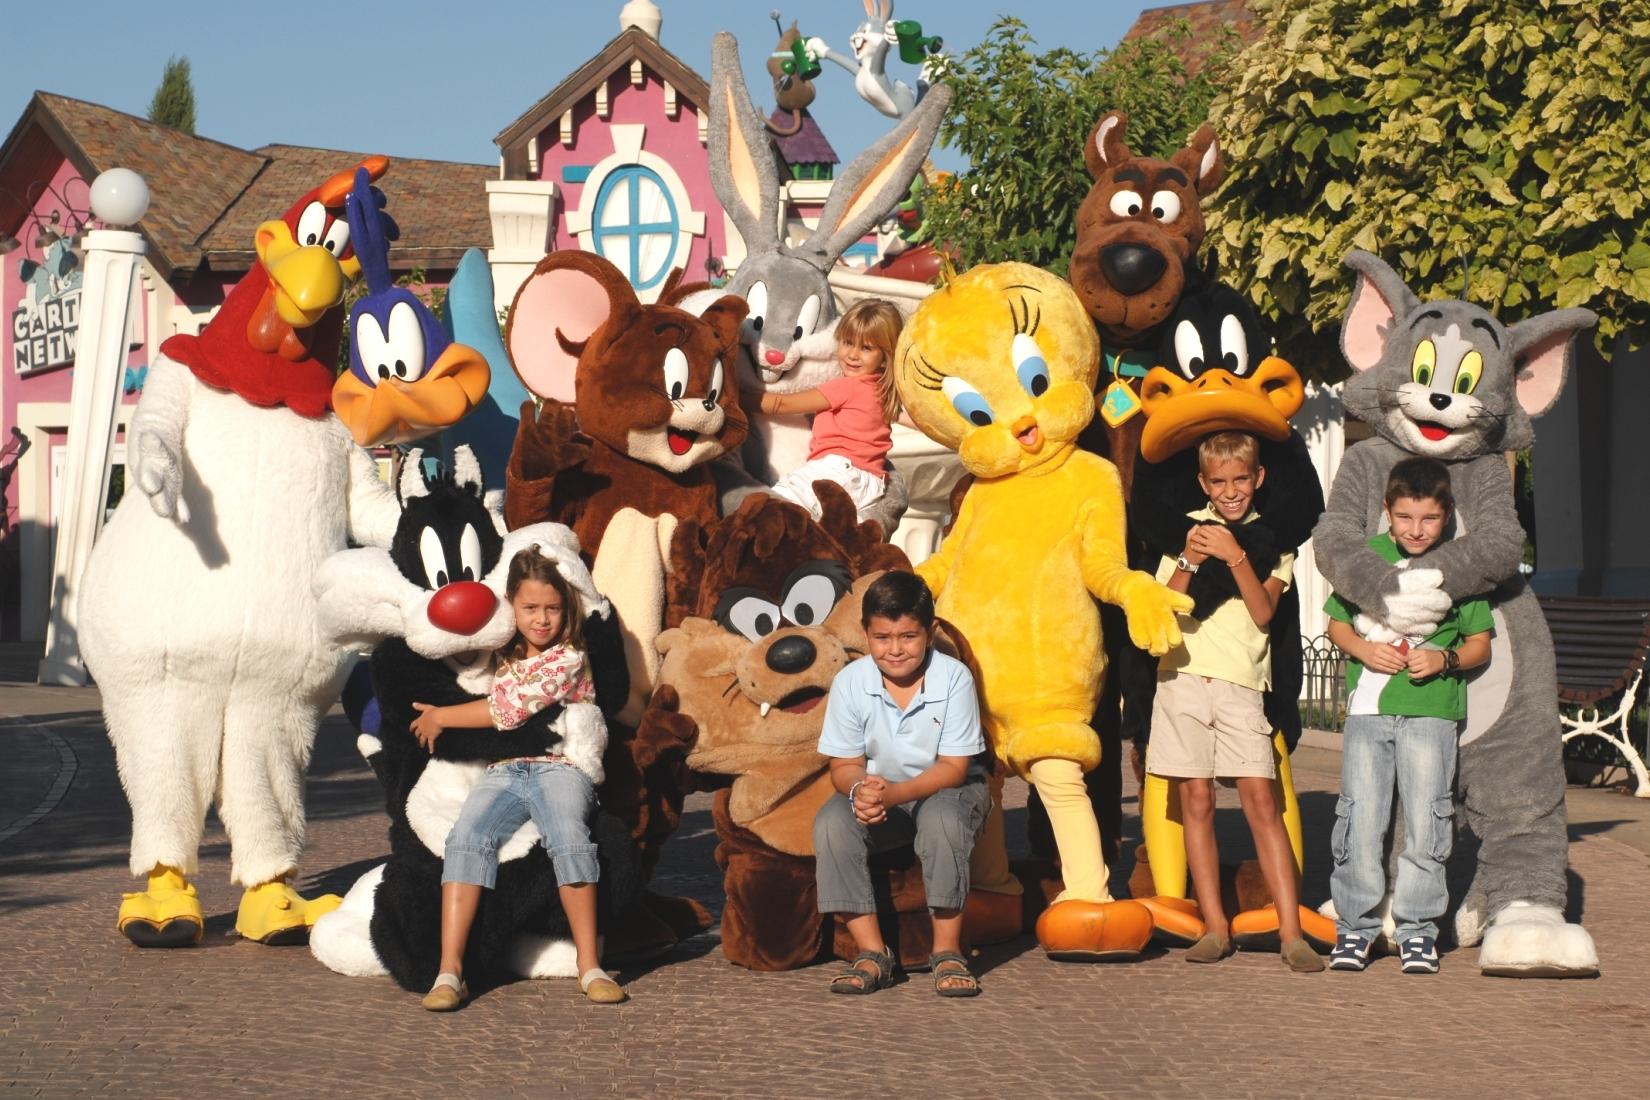 De beroemde cast van Parque Warner Madrid